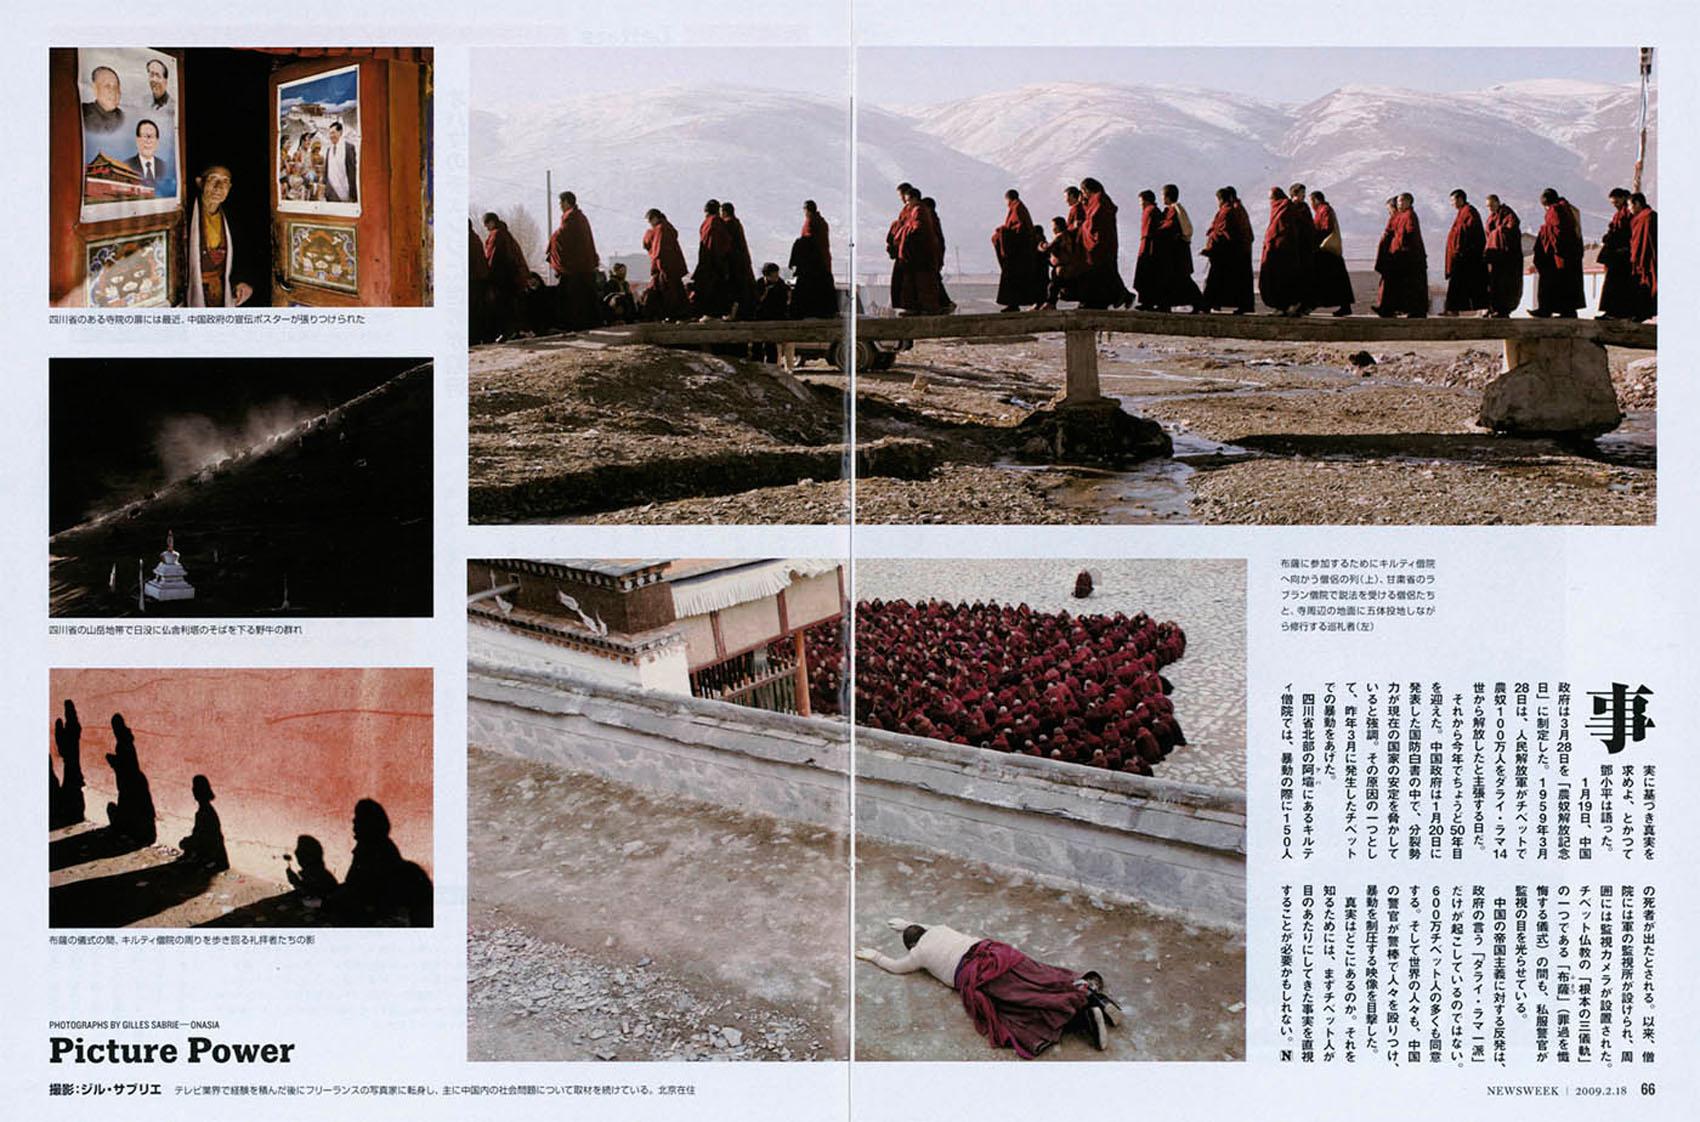 GSA 2 Newsweek Japan Tibet.jpg